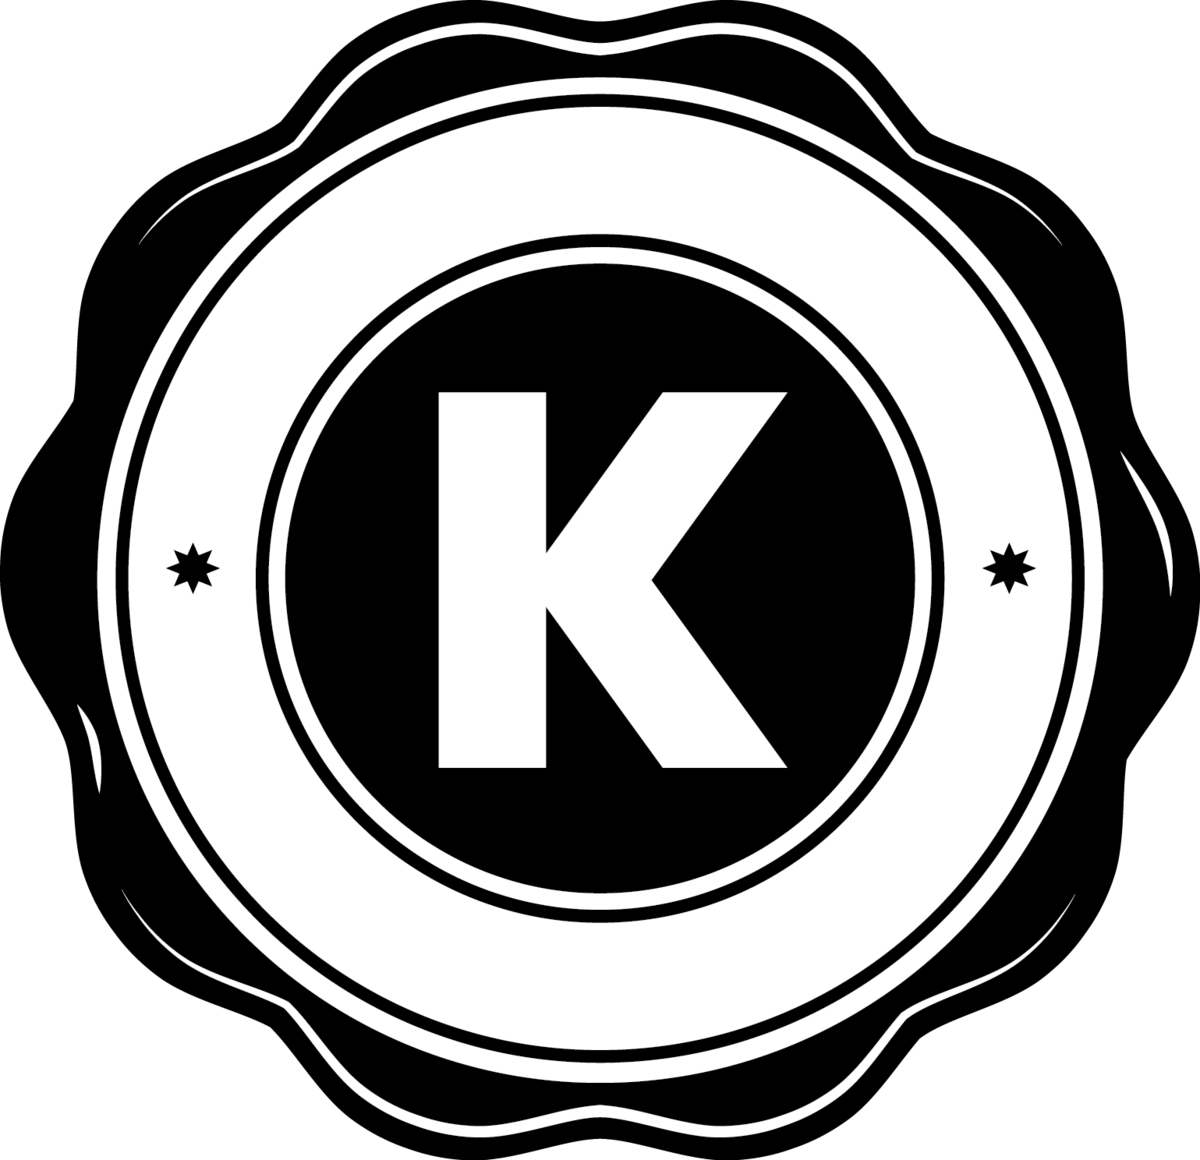 Seal K Wikipedia